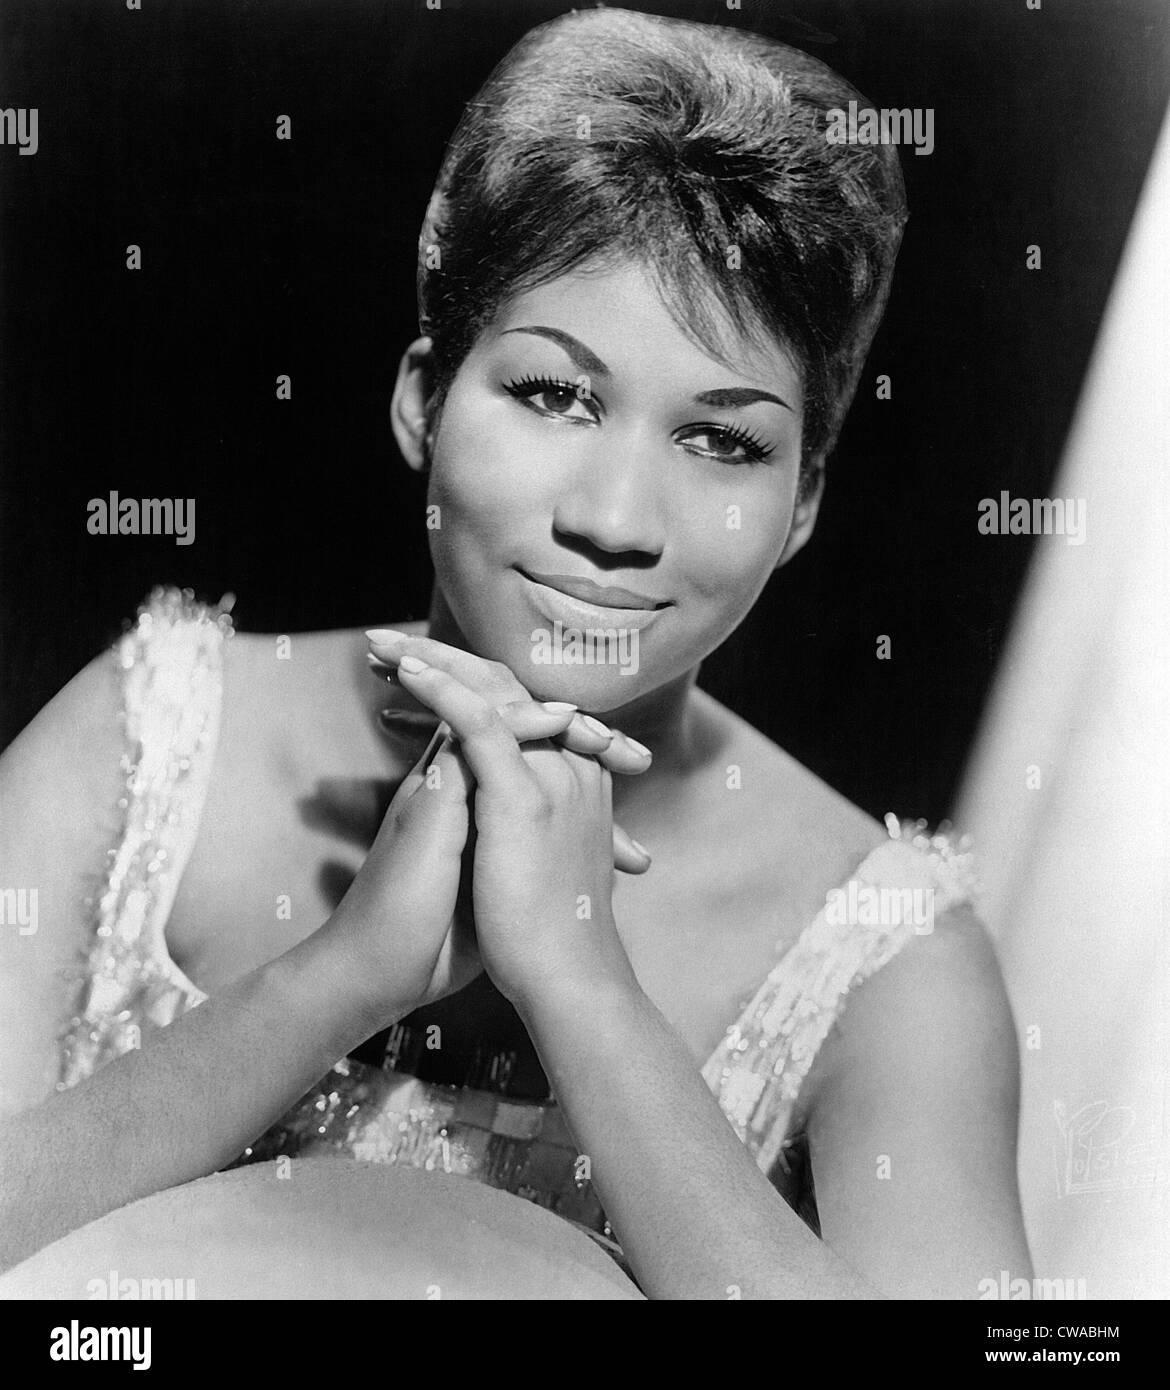 ARETHA FRANKLIN, 1964, Columbia Records pubblicità ritratto. Archivi CSU/Everett collezione. Immagini Stock